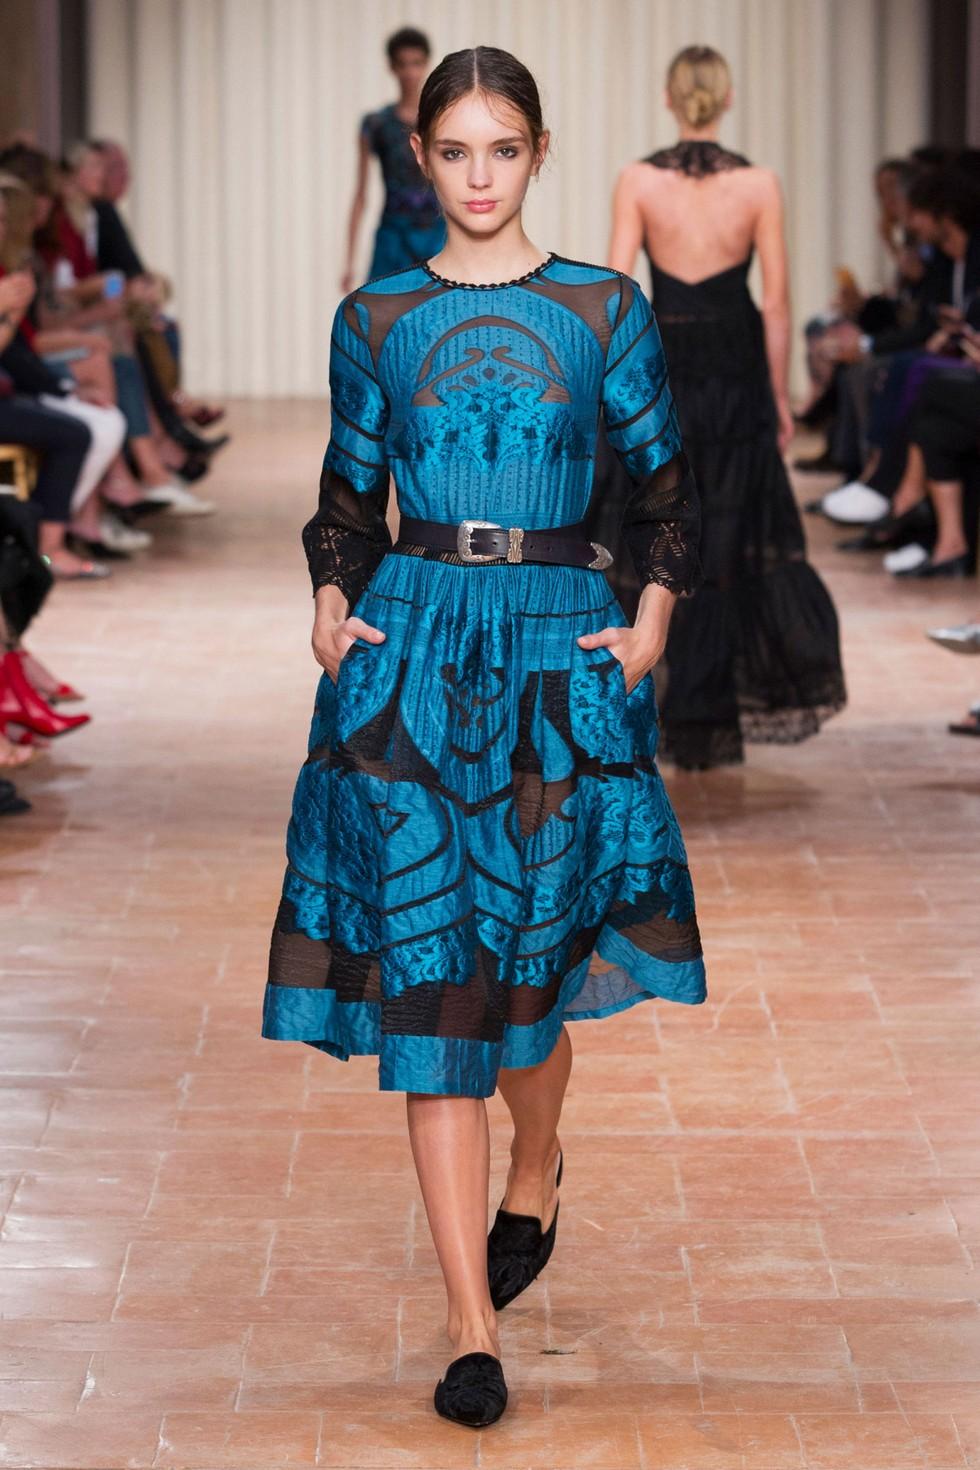 Albert Ferretti fashion dresses milan fashion spring summer 2017 Milan Fashion Spring Summer 2017 – day one best moments Alberta Ferretti 3